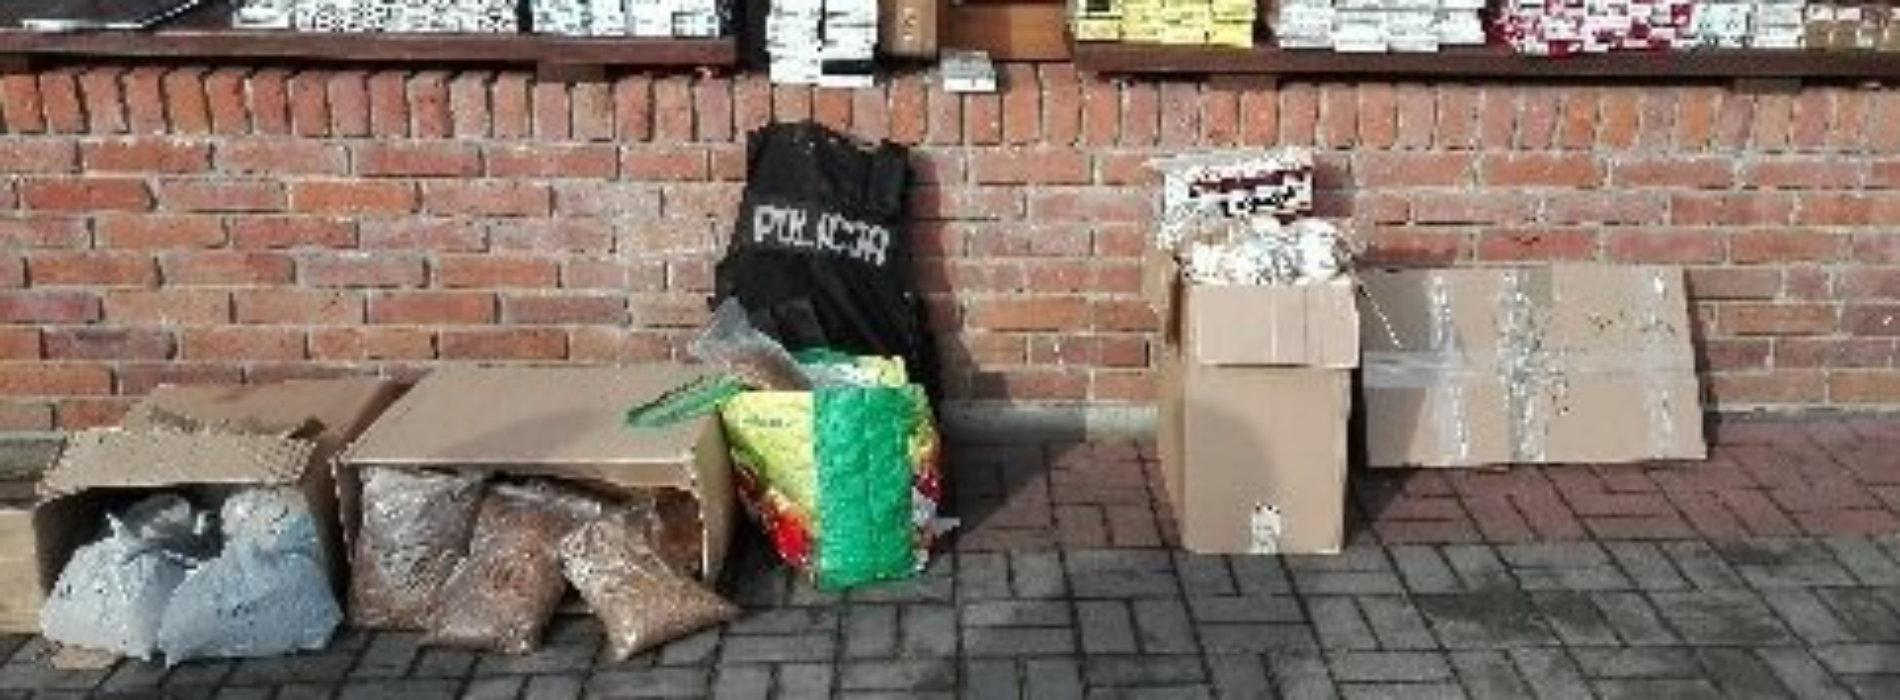 O bezpieczeństwie na terenach przygranicznych rozmawiali przedstawiciele dolnośląskiej i niemieckiej Policji